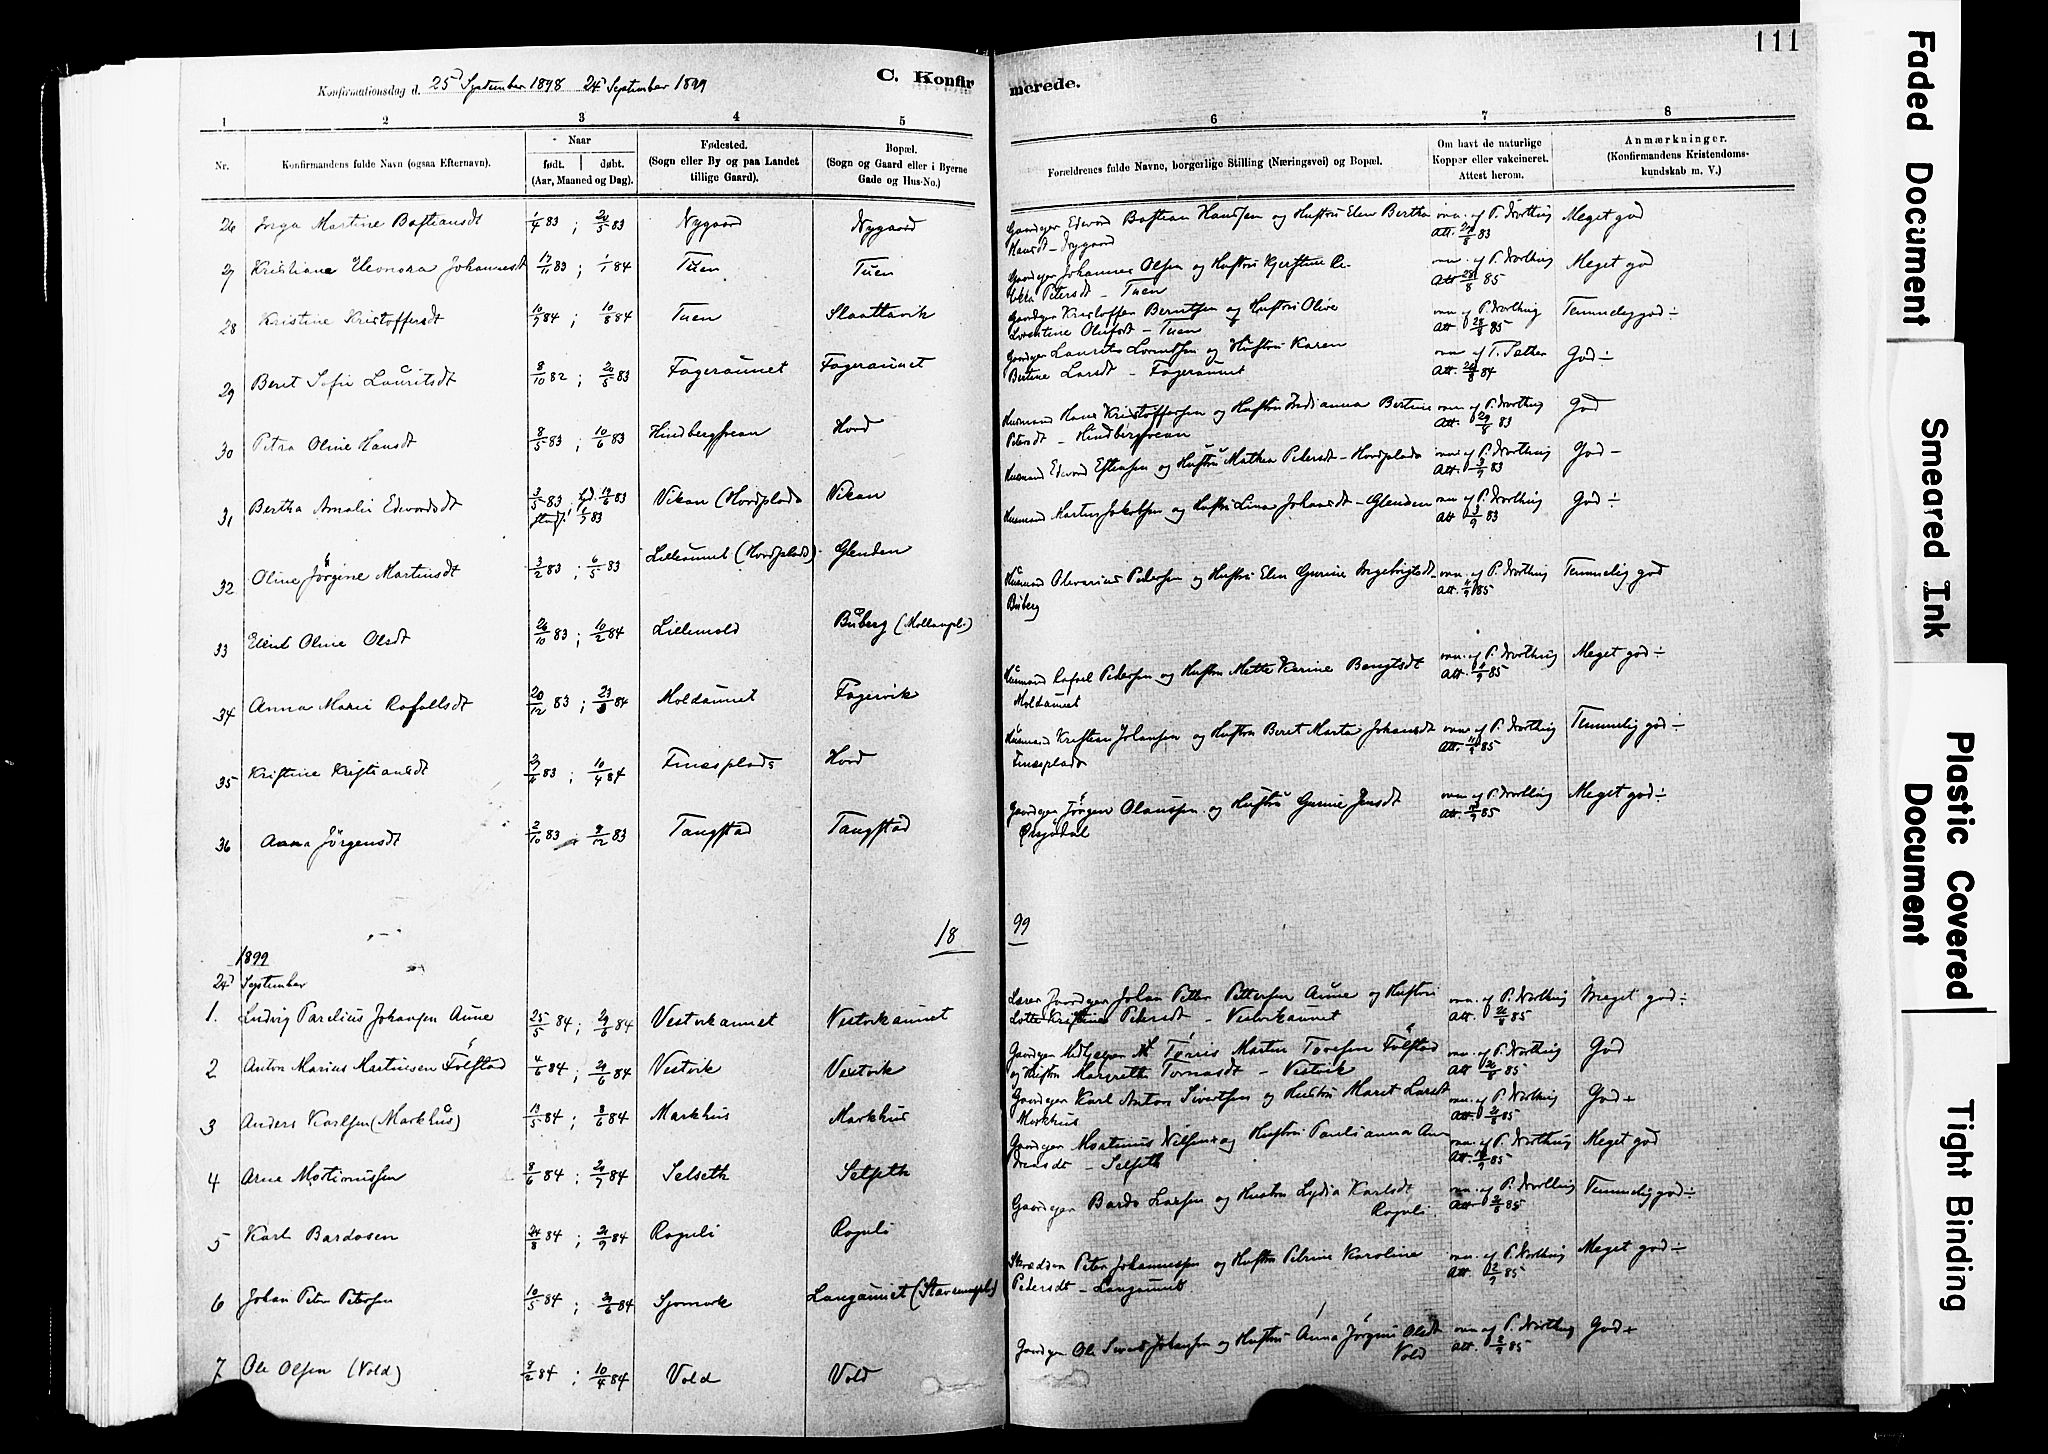 SAT, Ministerialprotokoller, klokkerbøker og fødselsregistre - Nord-Trøndelag, 744/L0420: Ministerialbok nr. 744A04, 1882-1904, s. 111